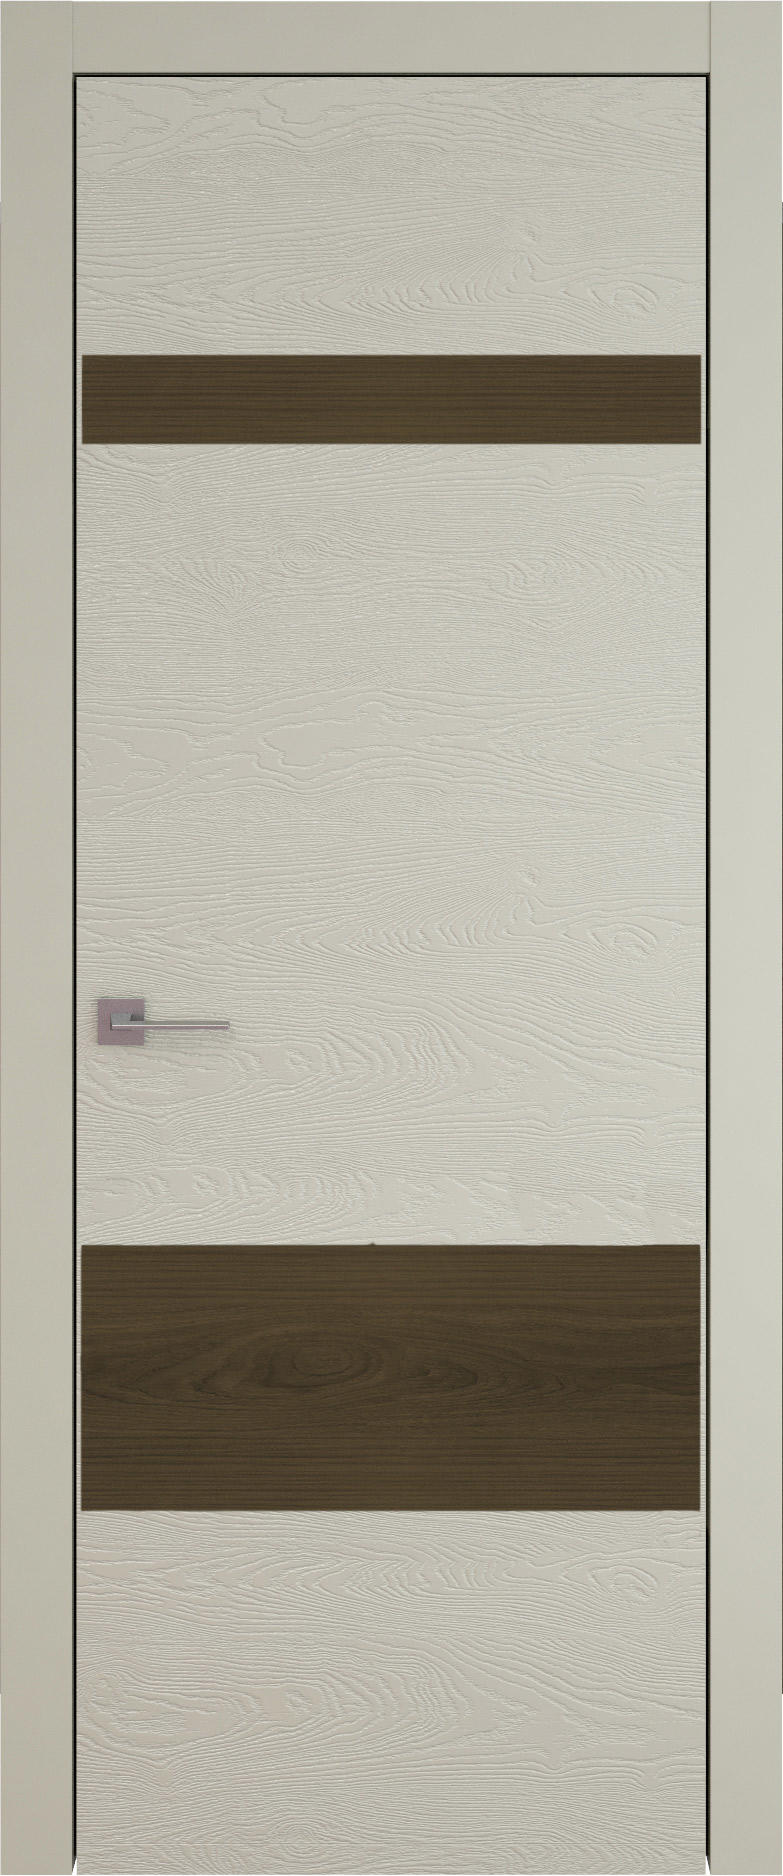 Tivoli К-4 цвет - Серо-оливковая эмаль по шпону (RAL 7032) Без стекла (ДГ)